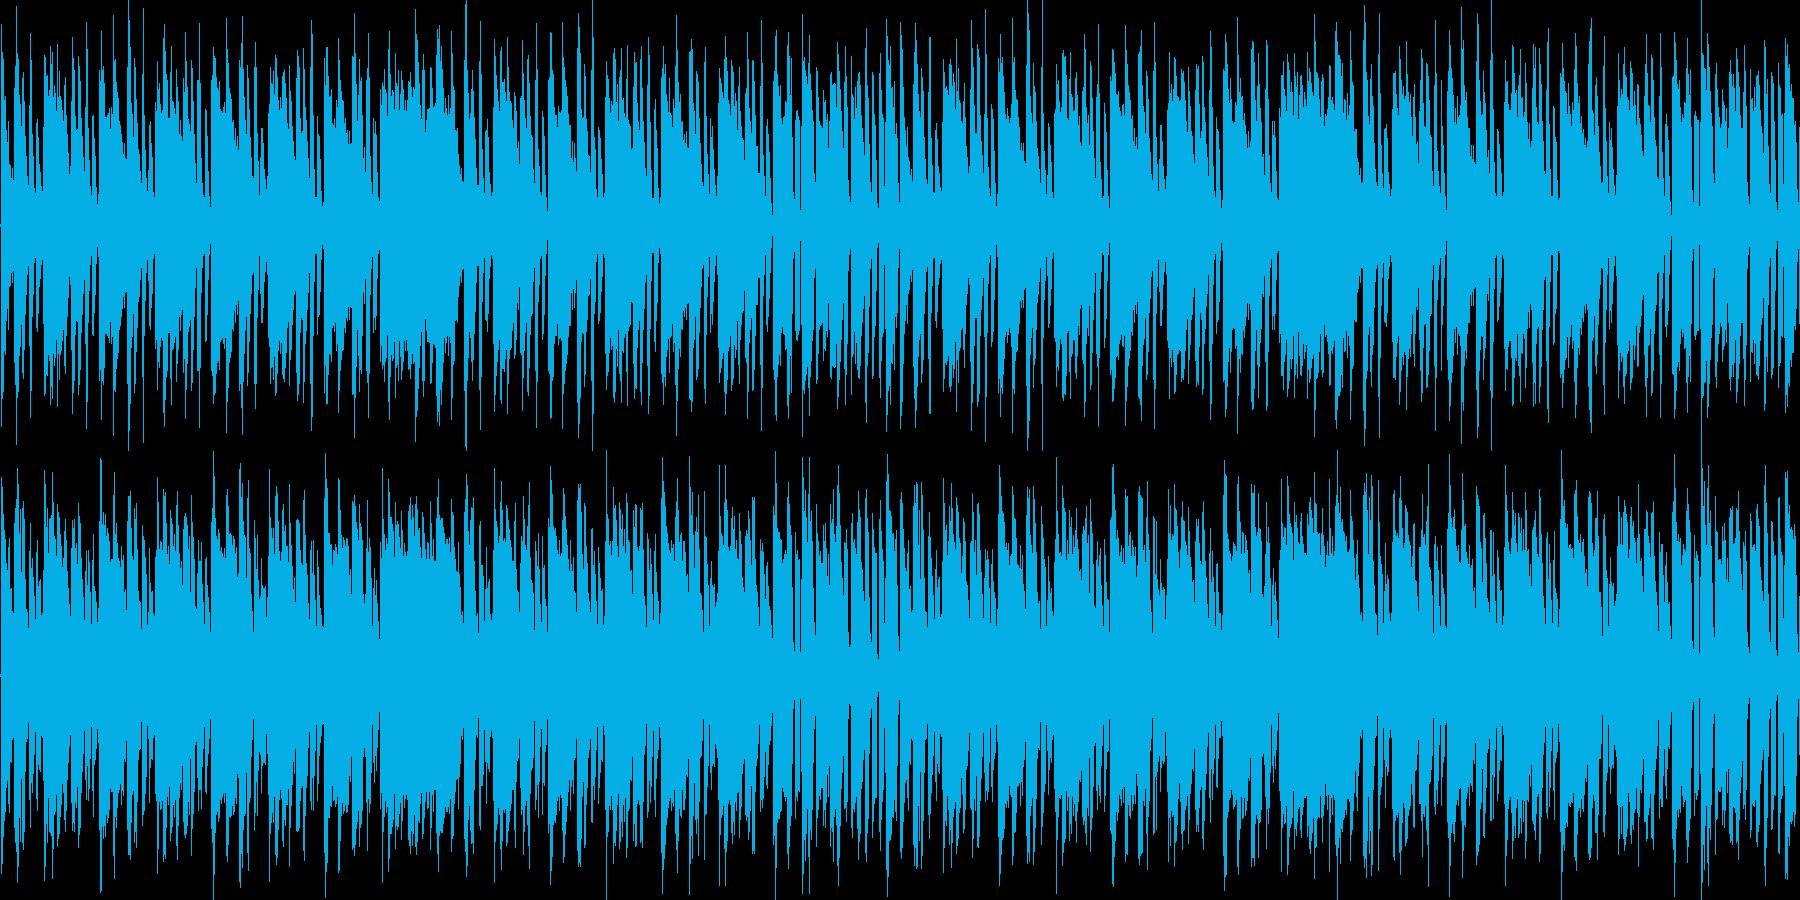 【レトロゲーム風BGM】の再生済みの波形